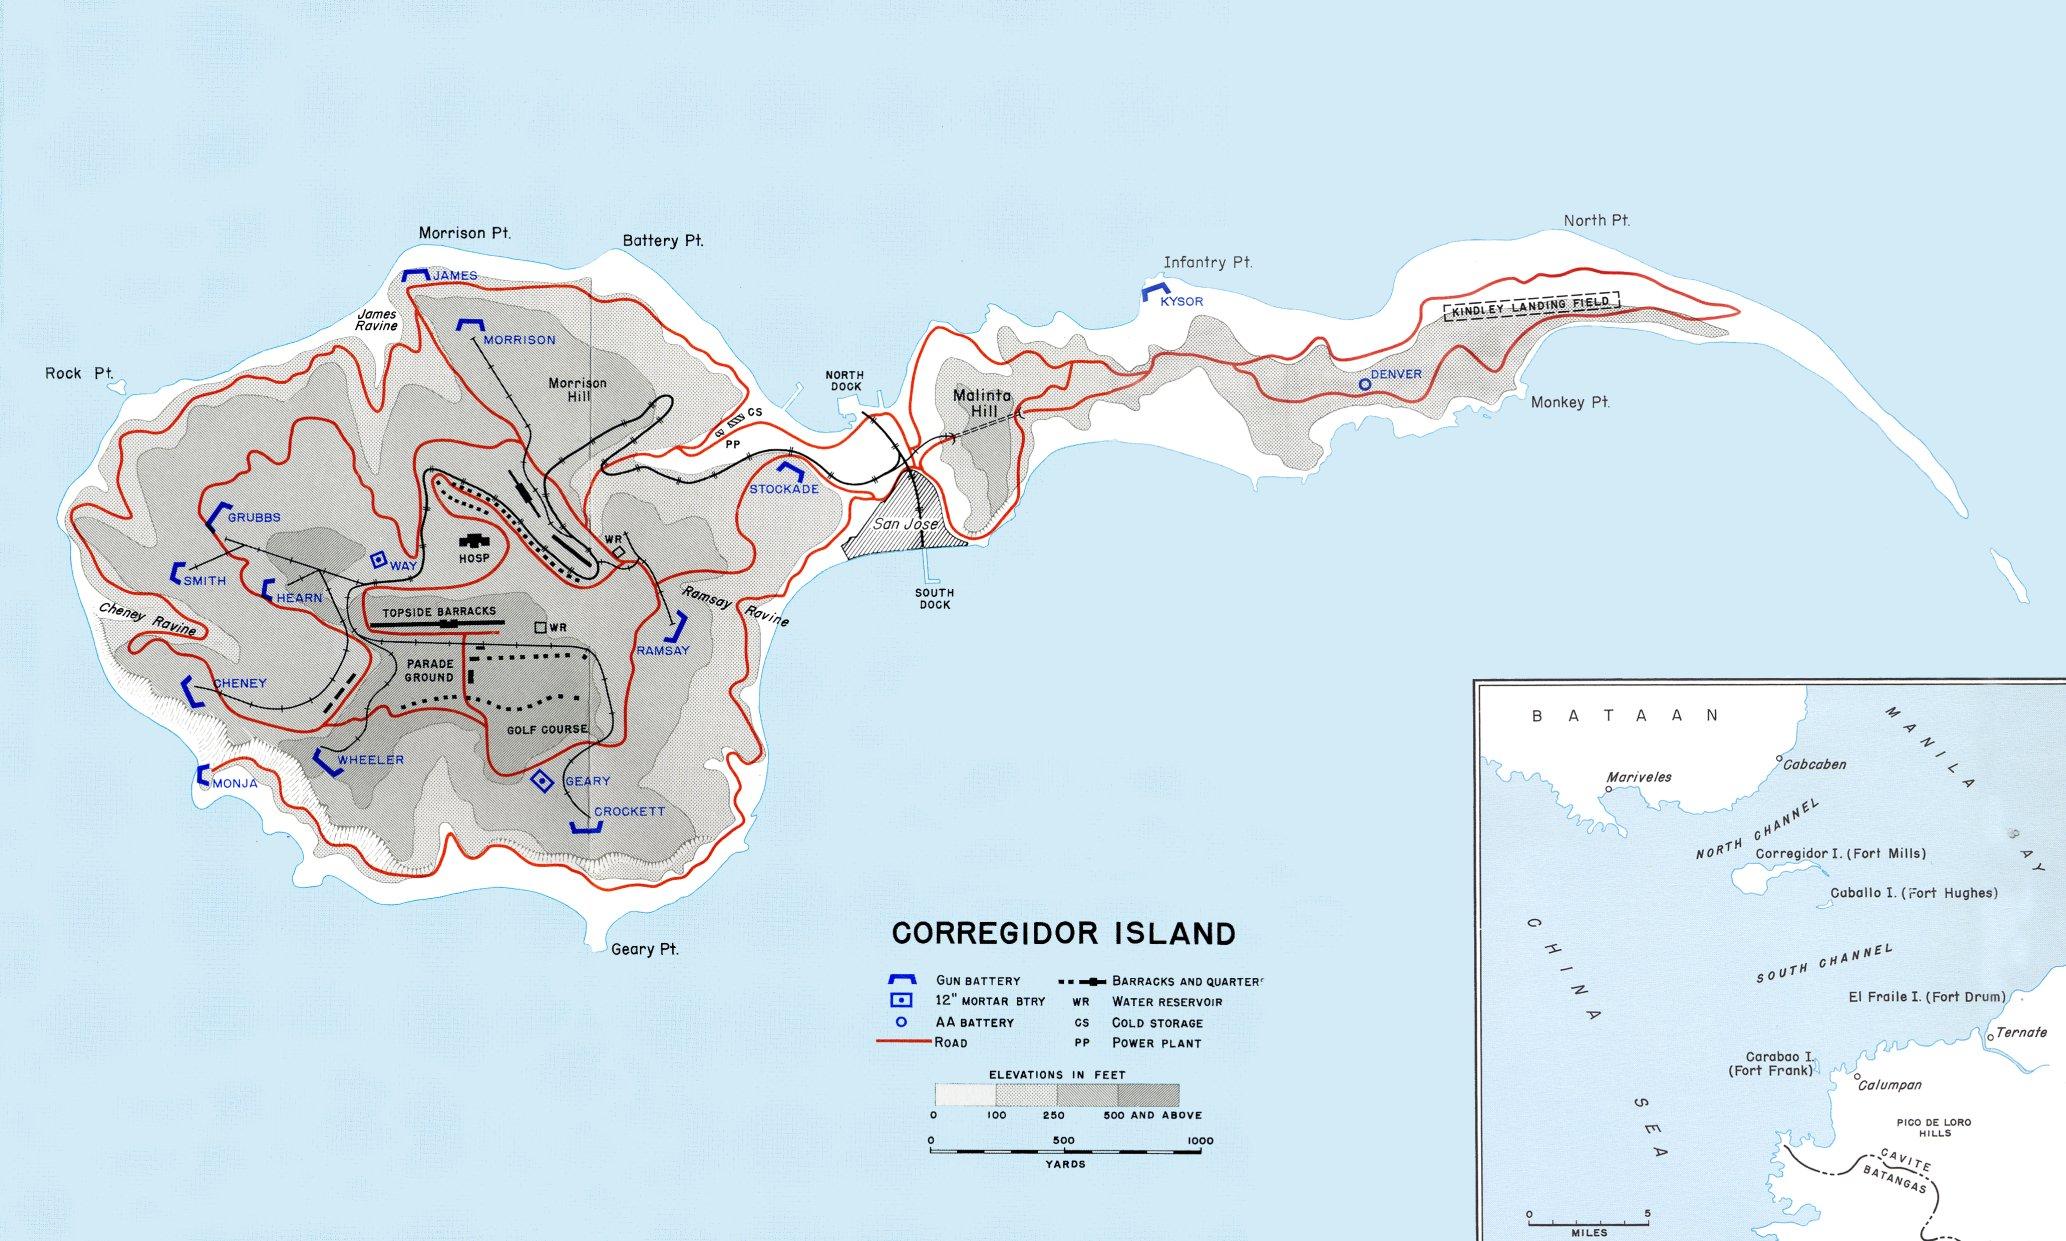 L'île de Corregidor